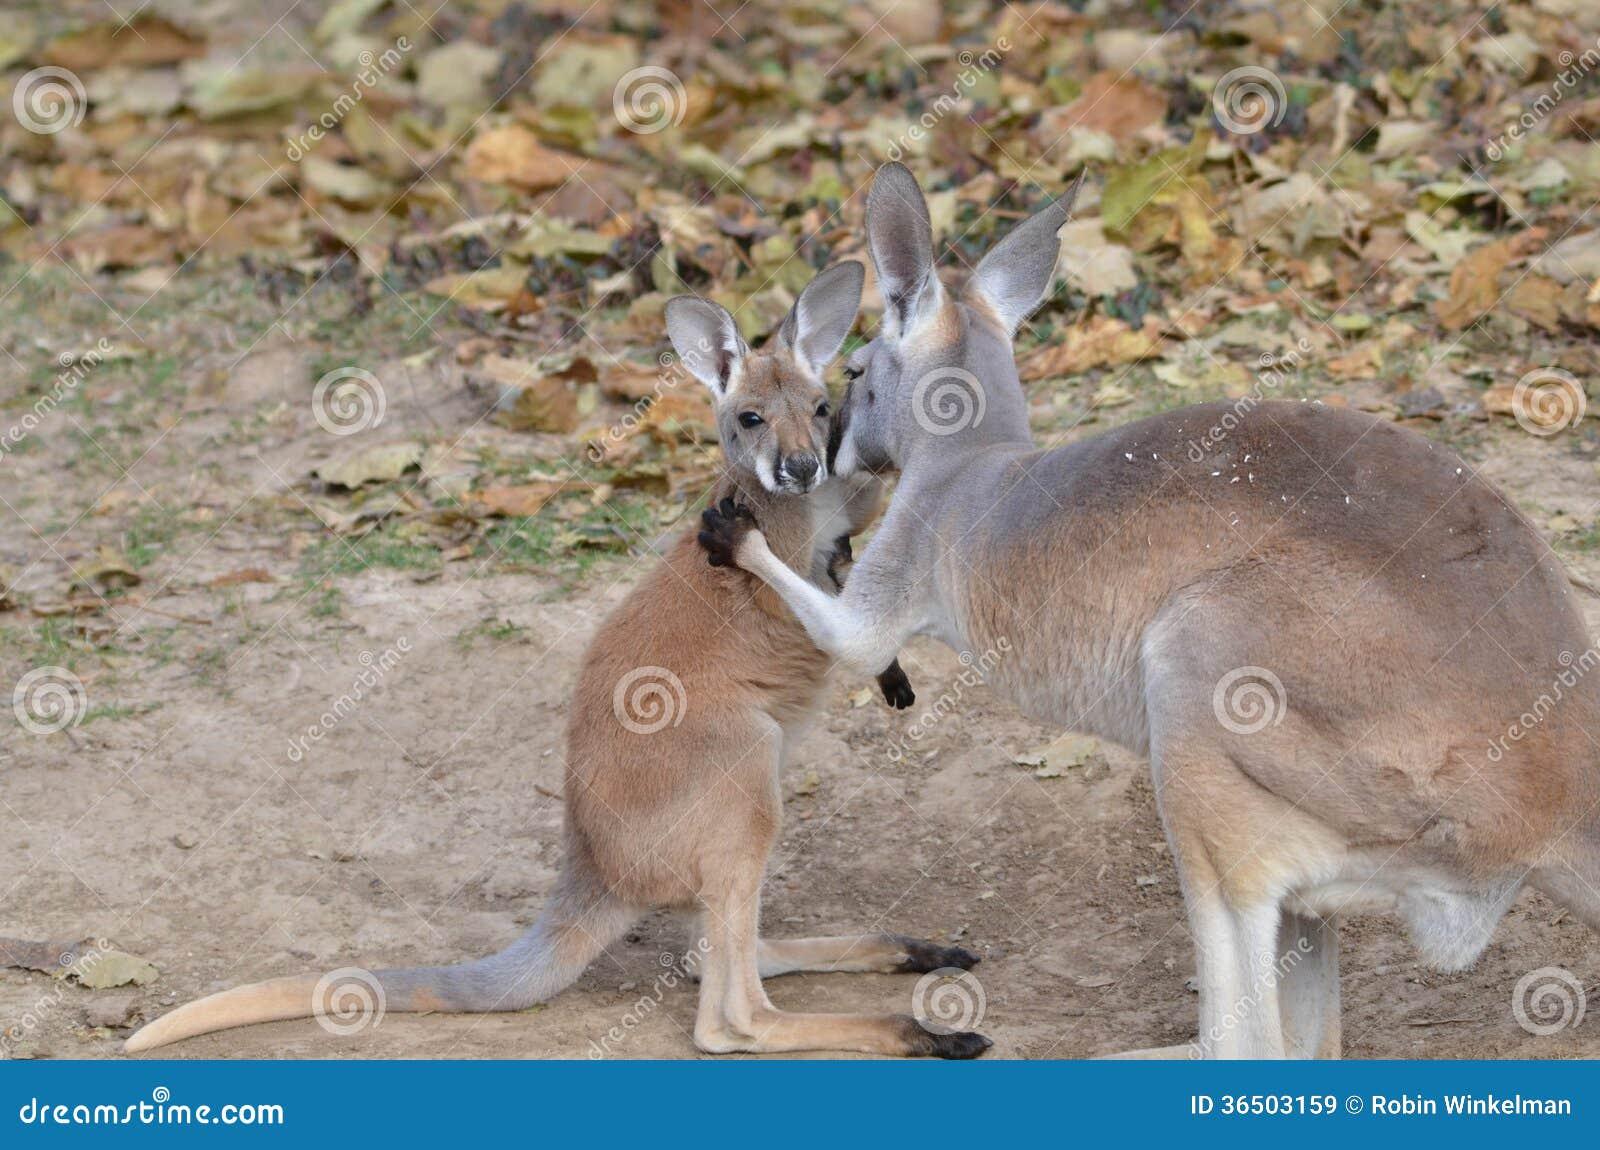 mama and baby kangaroo - photo #21